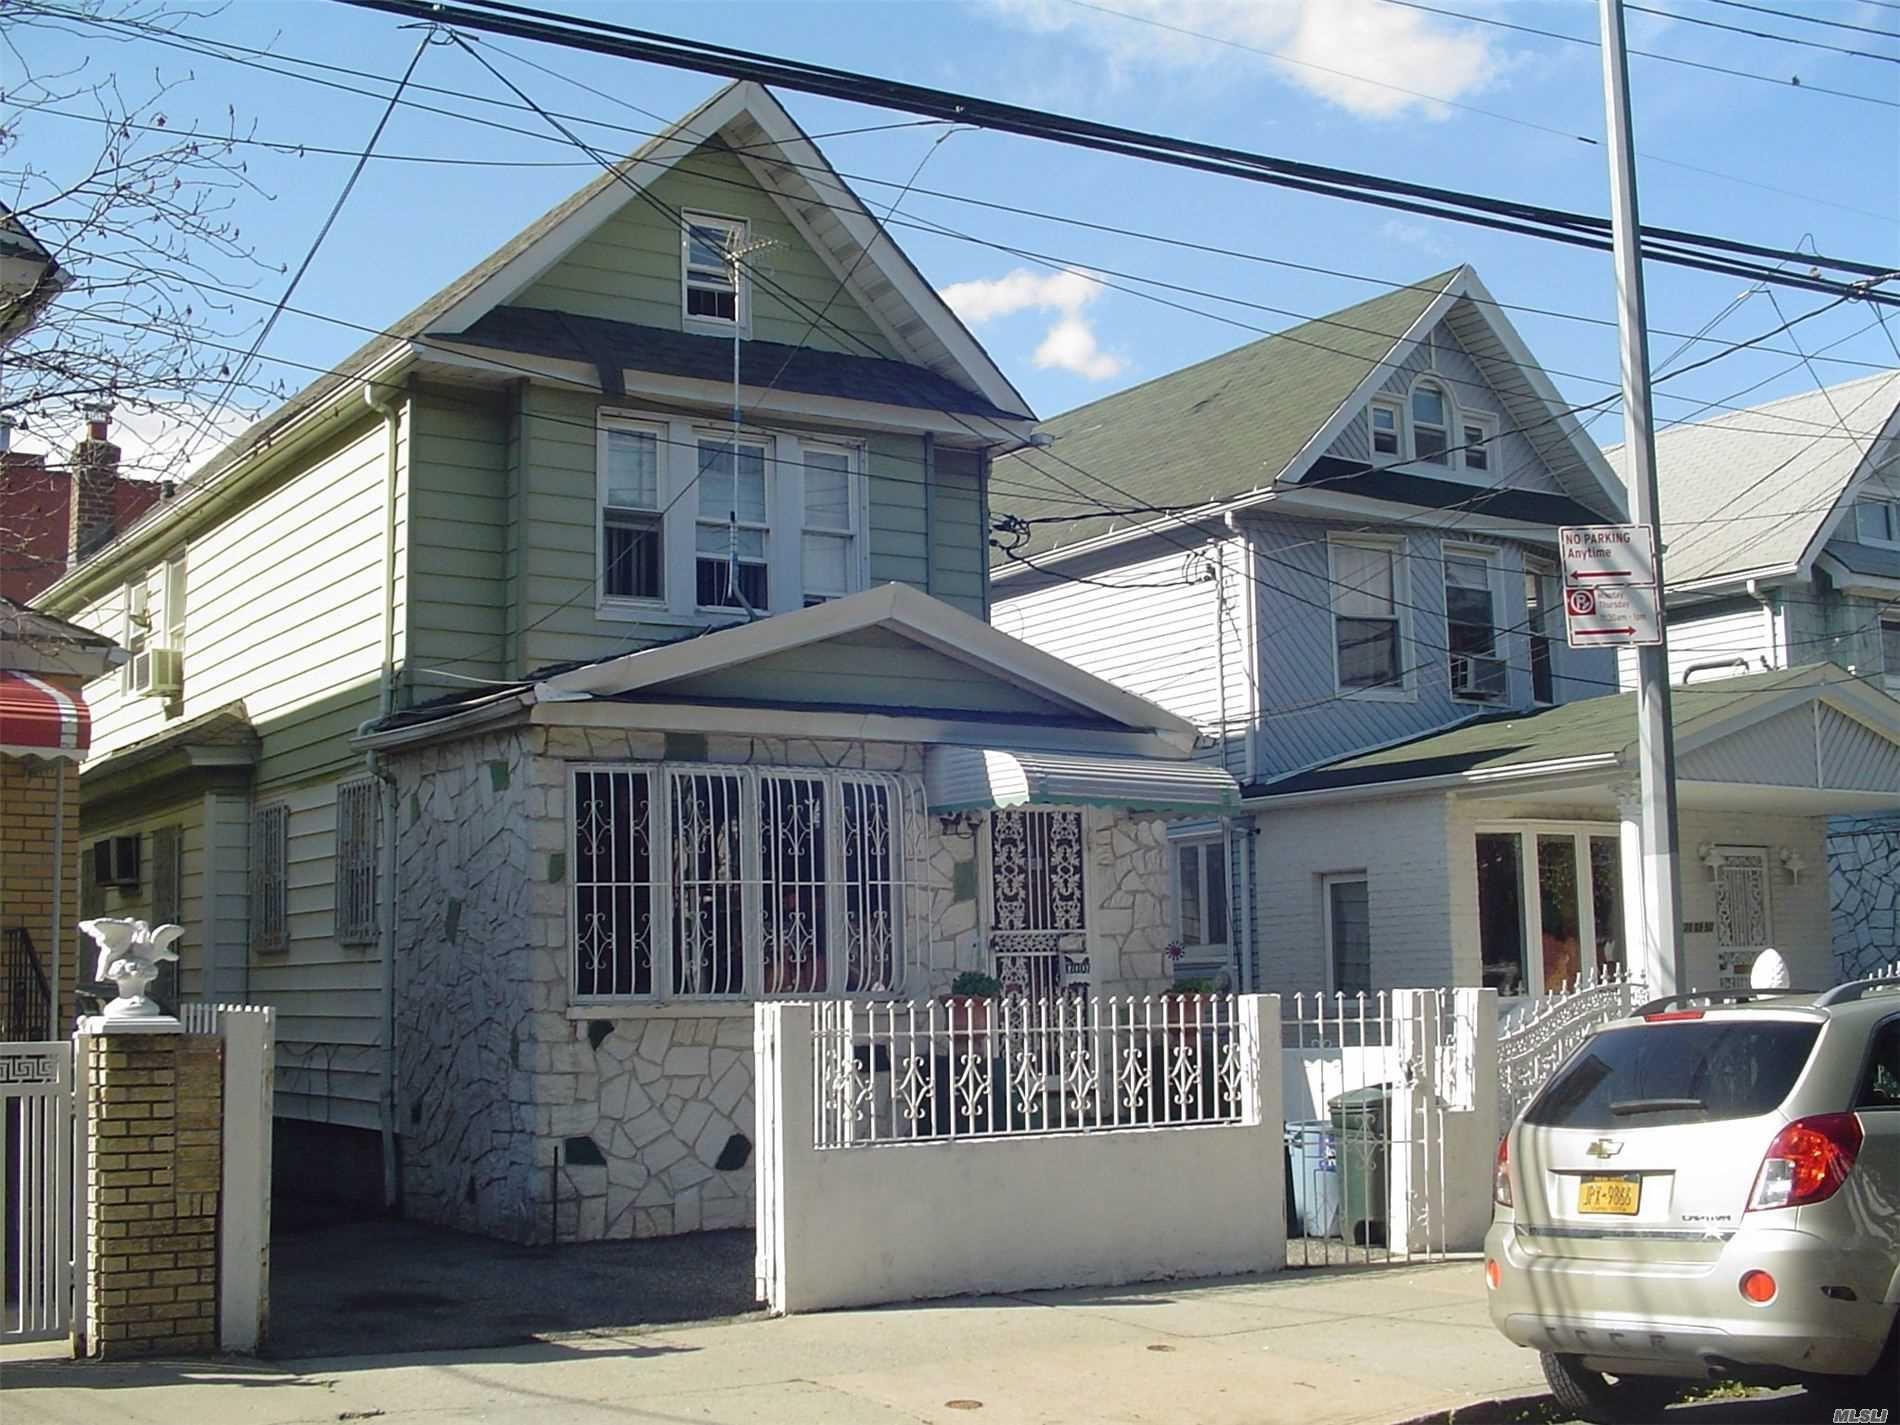 170-07 90th Ave, Jamaica, NY 11432 - MLS#: 3234813